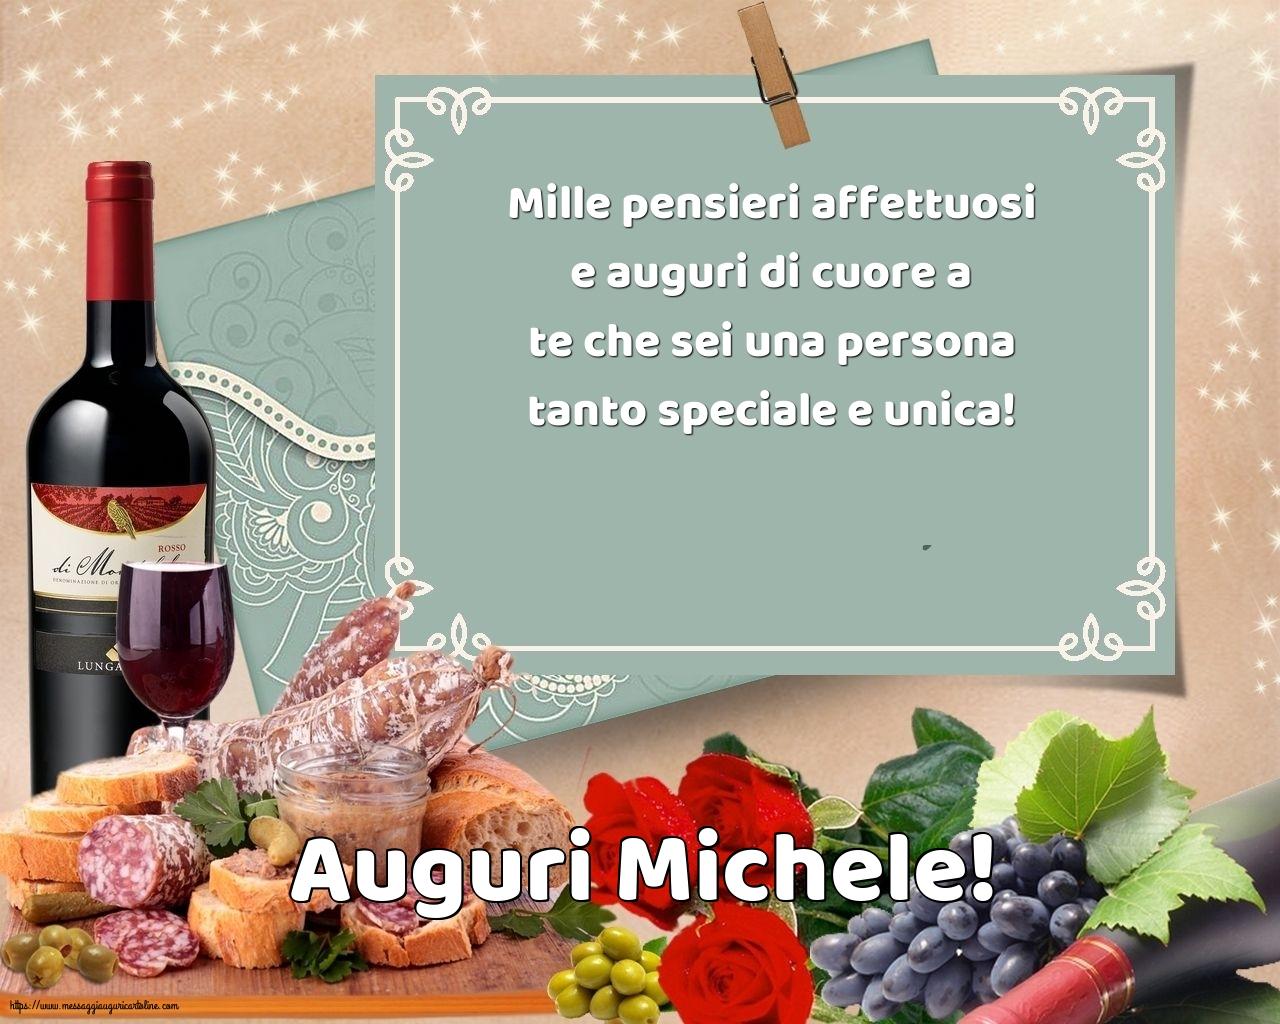 Cartoline di Santi Michele, Gabriele e Raffaele - Auguri Michele!